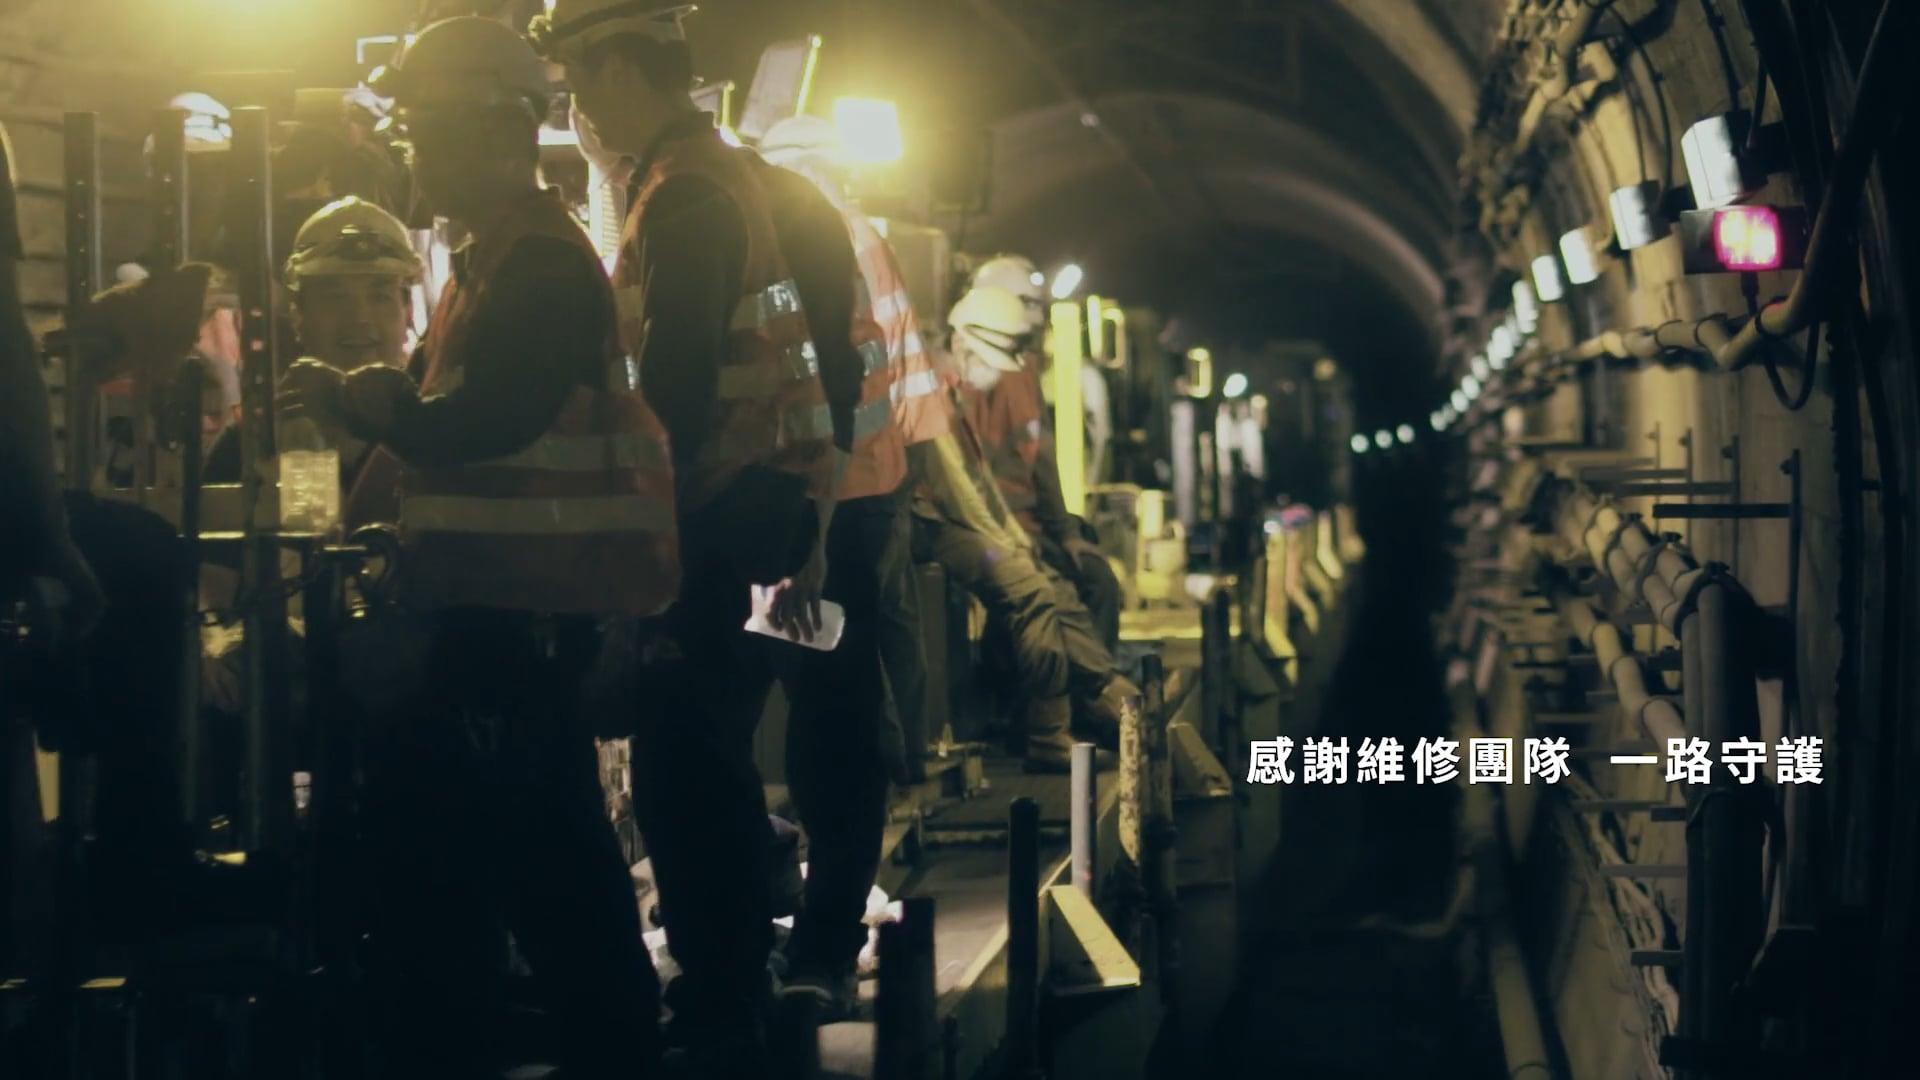 【MTR 默默服務每分秒】路軌篇